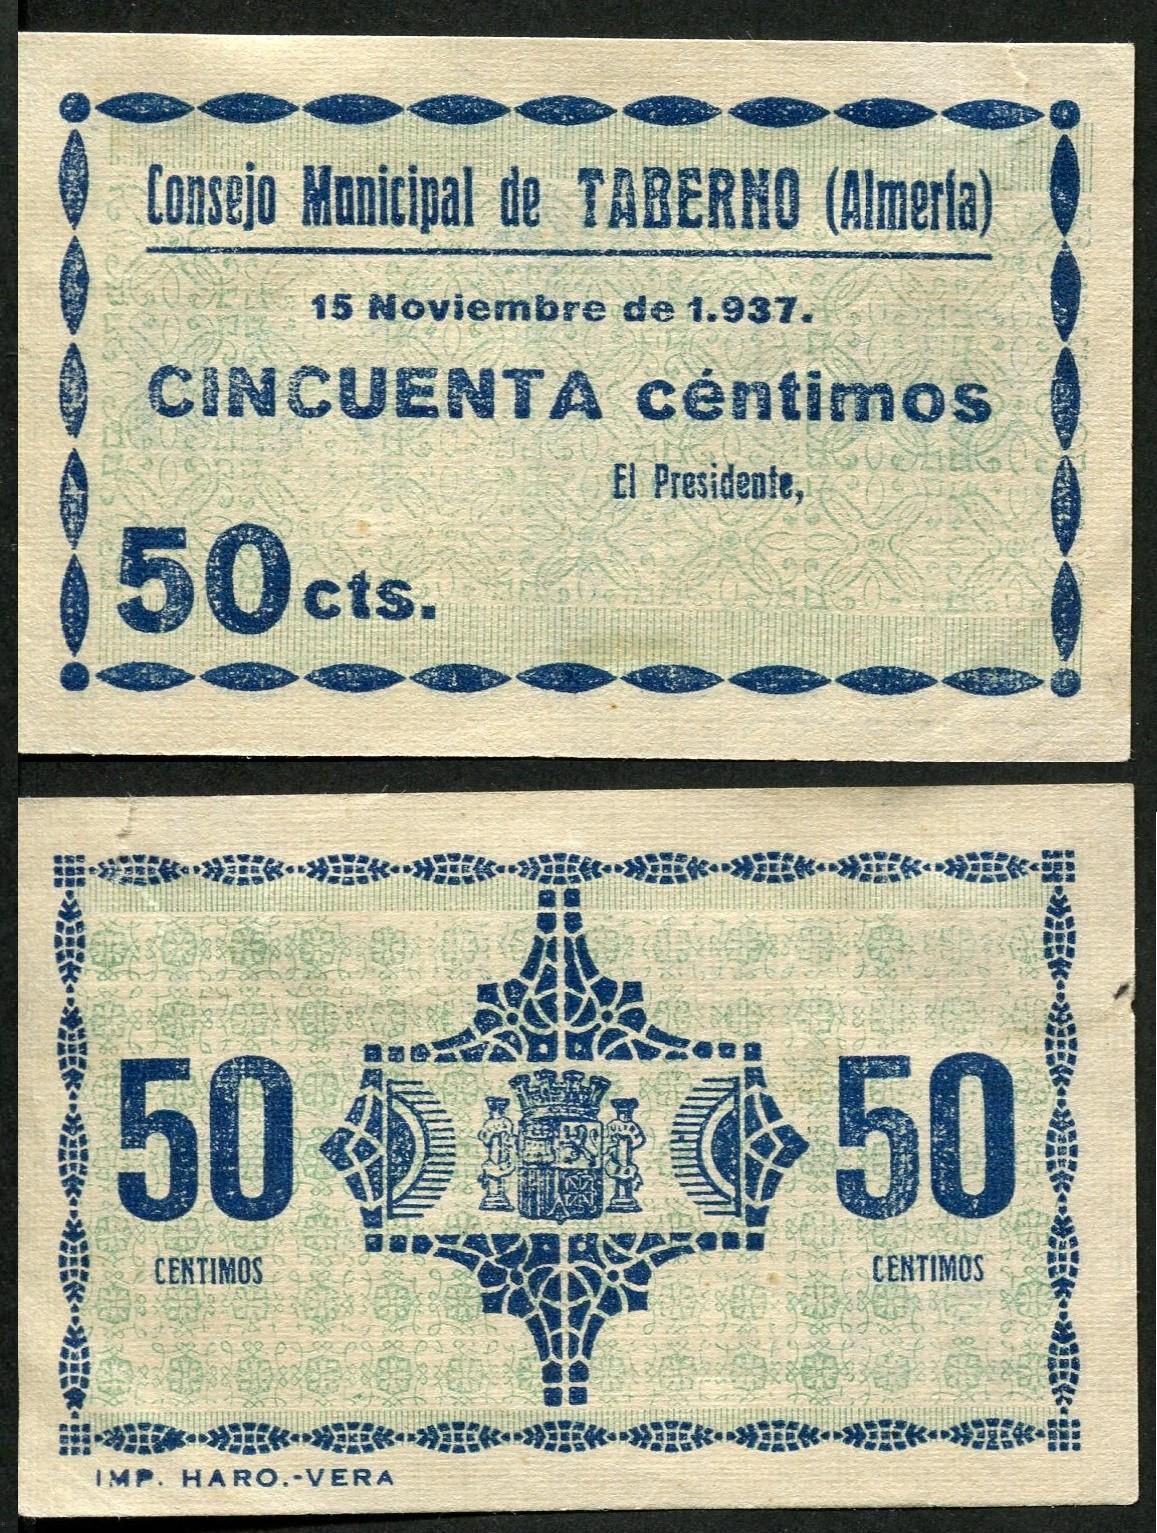 espana-billetes-locales-republicanos-n-rg4950-sc-unc-taberno-almeria-50-centimos-15-11-1937